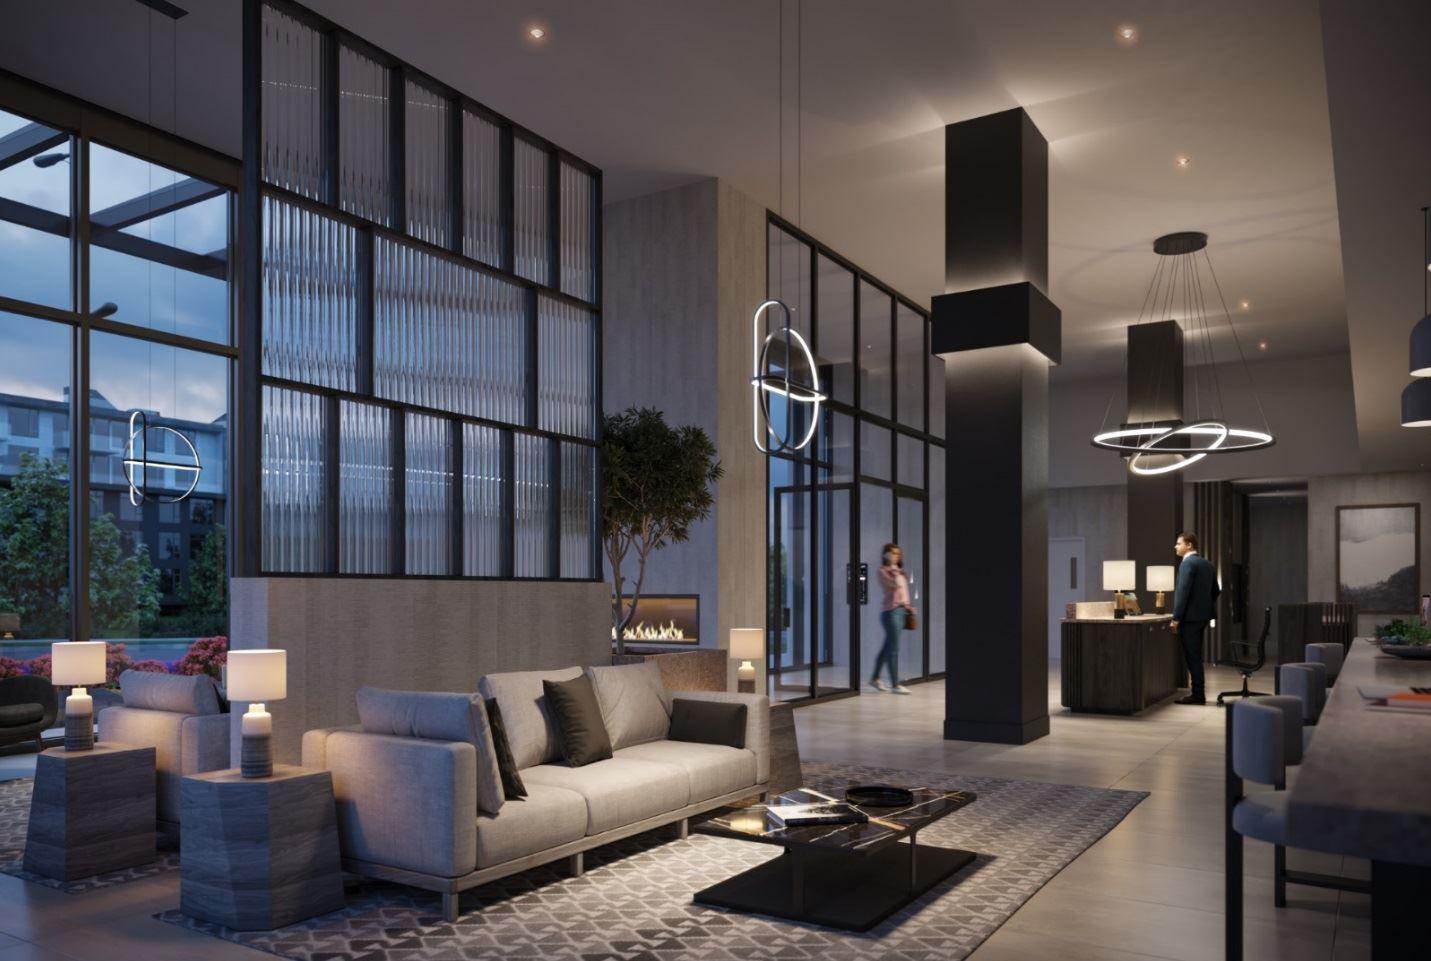 2021 07 22 11 58 54 vue amacon rendering lobby